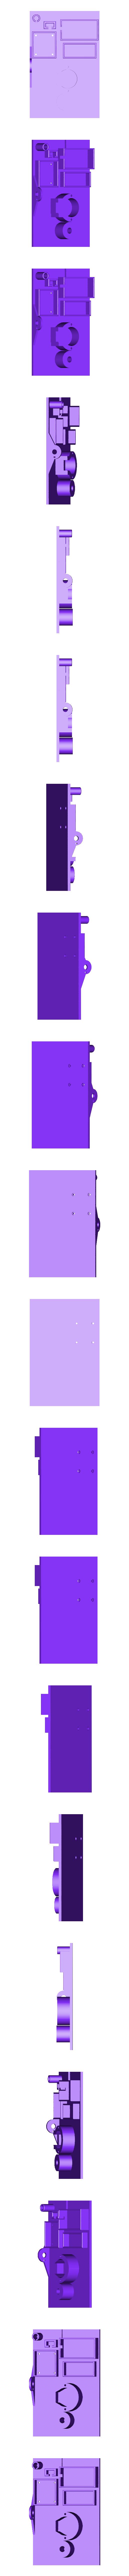 main_body.stl Télécharger fichier STL gratuit Démonstration de transit d'Exoplanet • Design à imprimer en 3D, poblocki1982